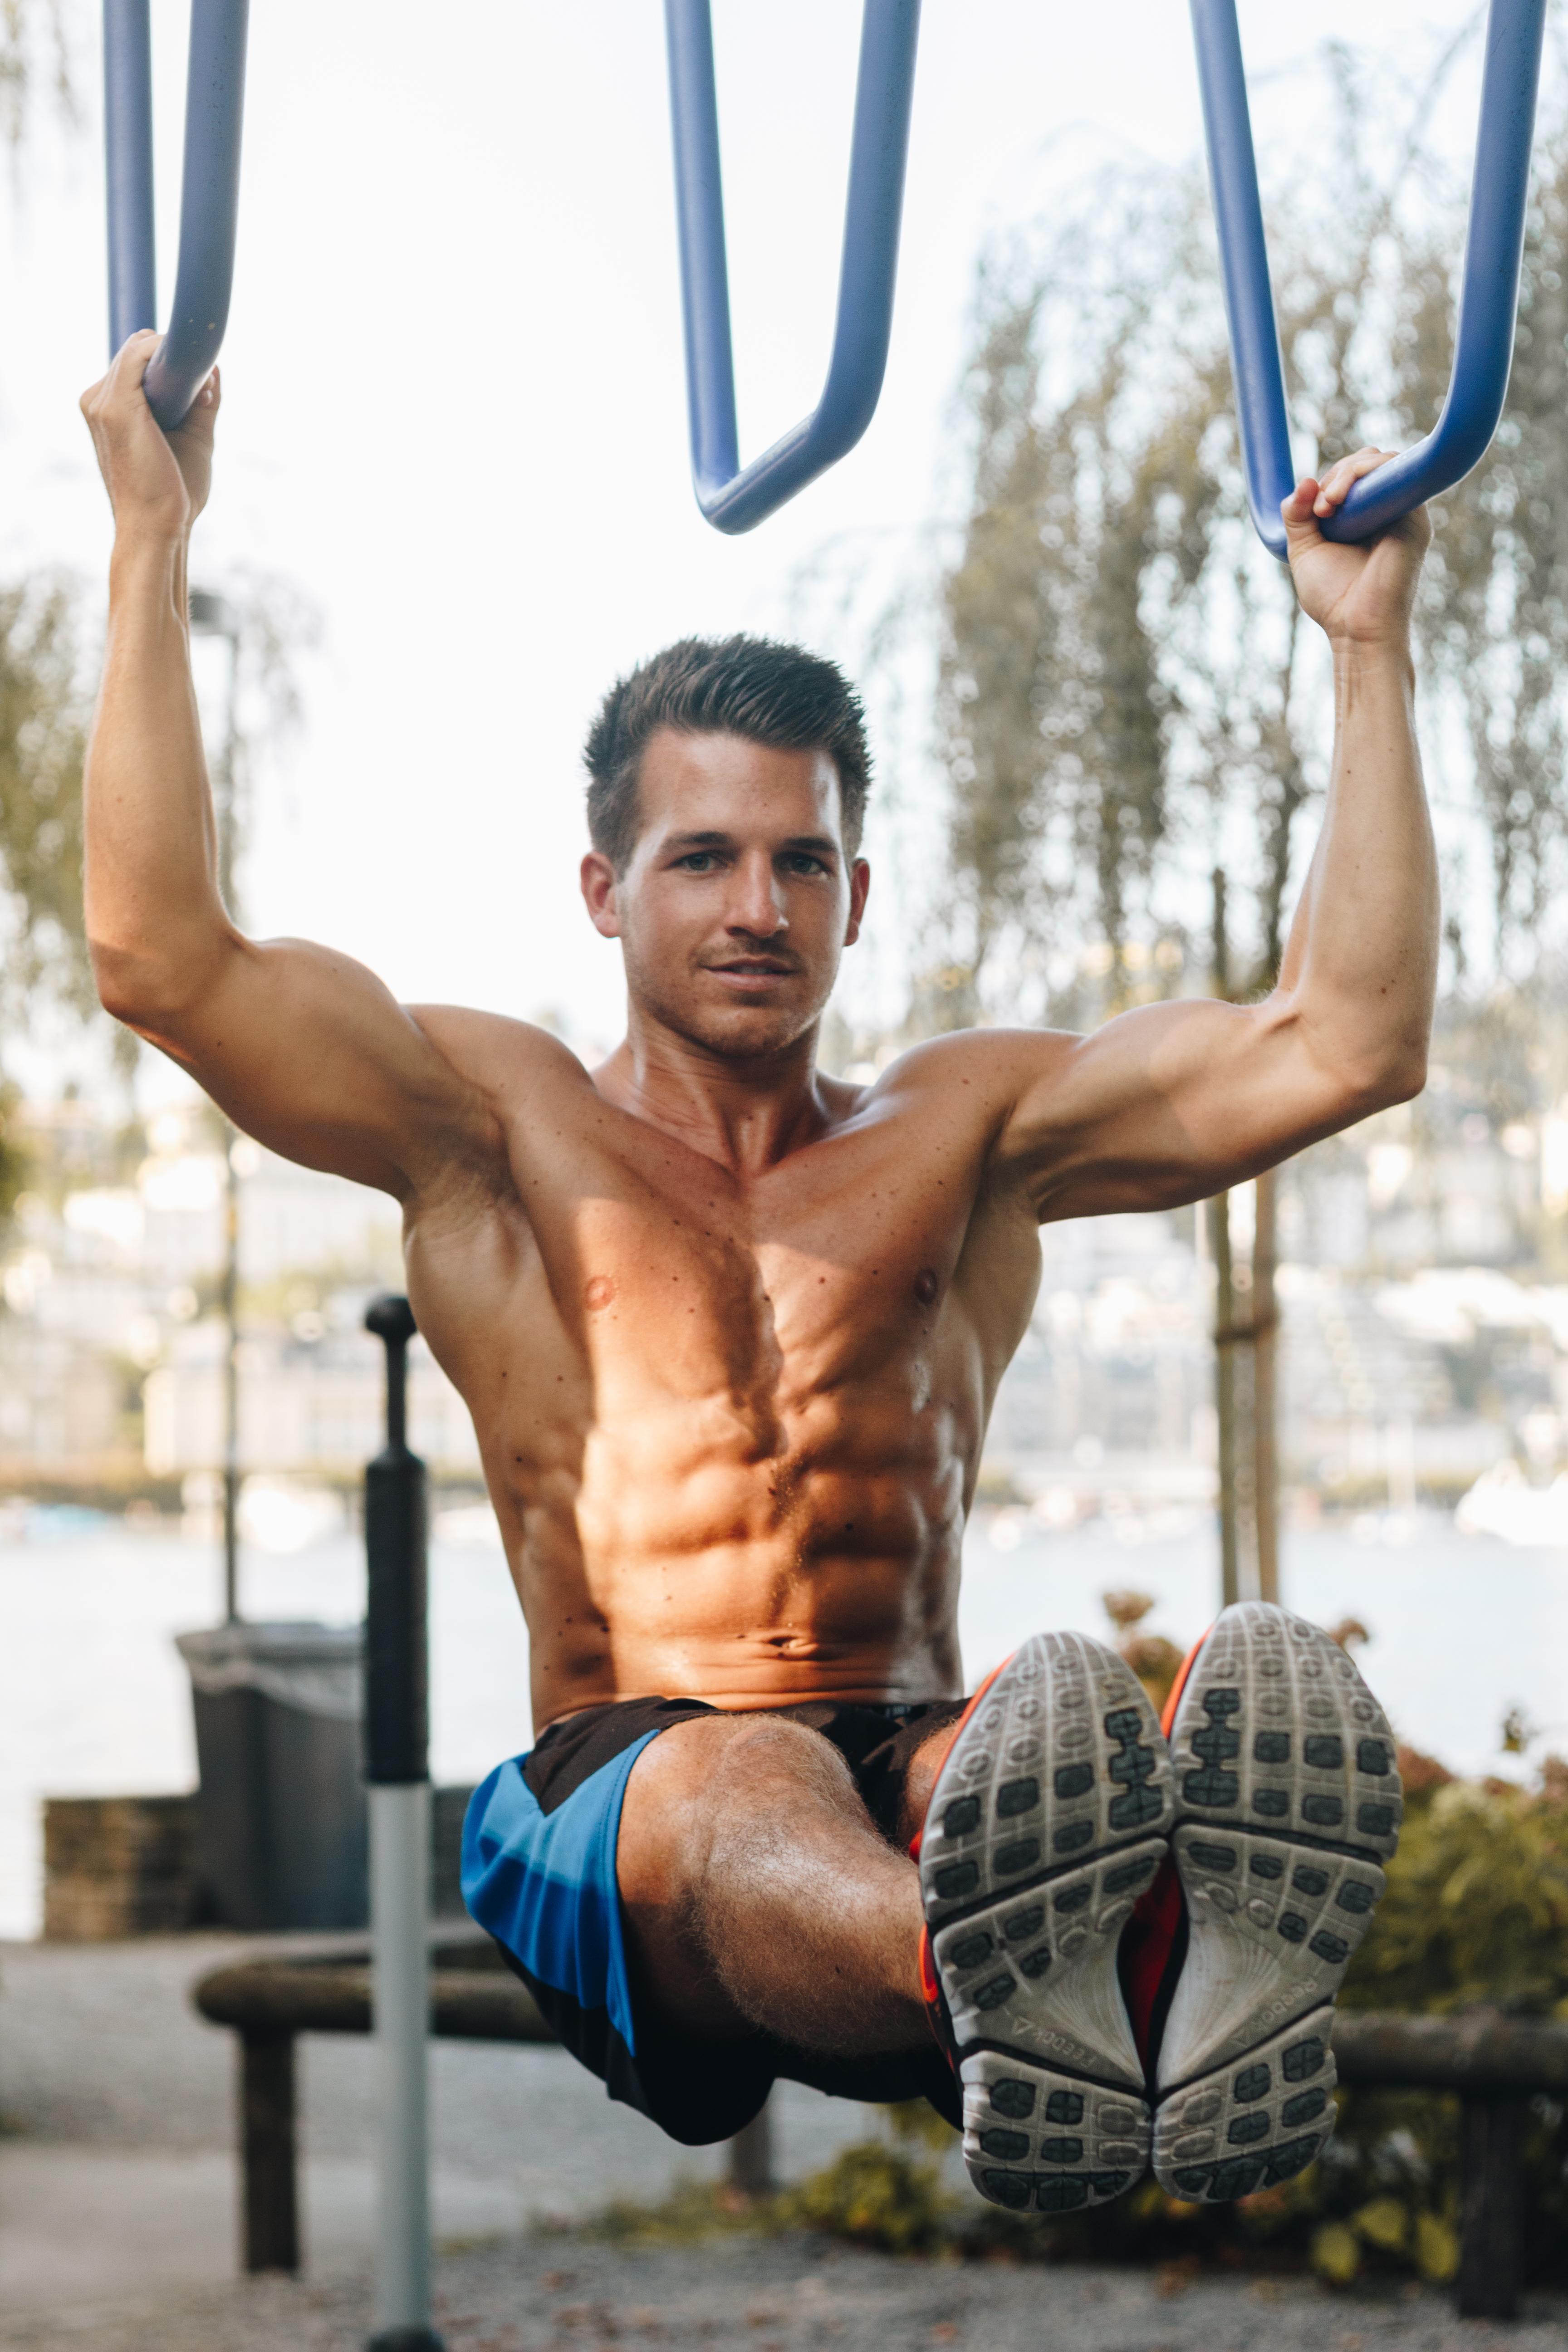 Eine gute Übung mit dem eigenen Körpergewicht für die Bauchmuskulatur: Hanging Leg Raises!